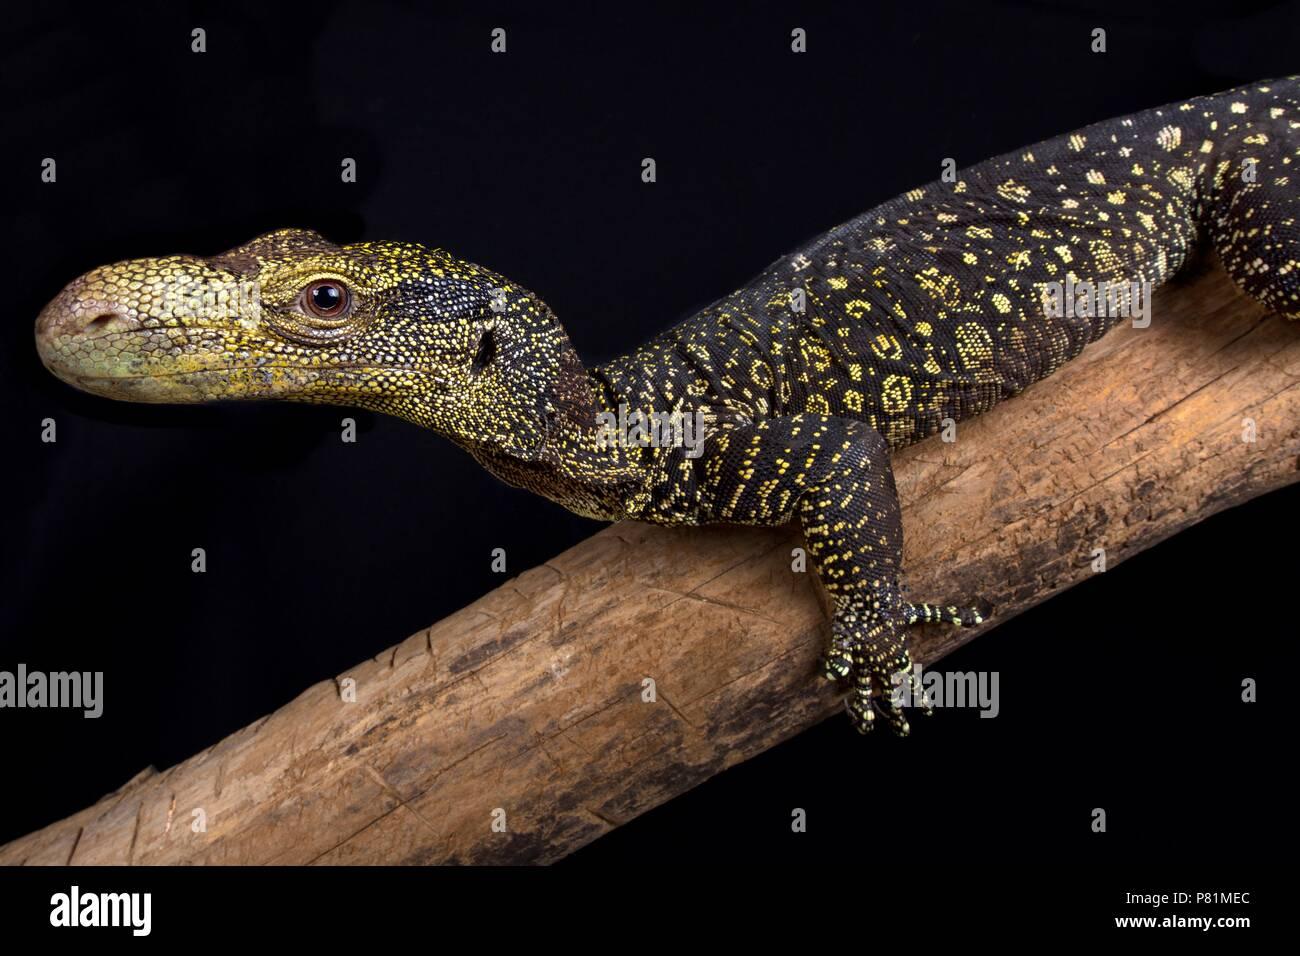 Das Krokodil Monitor (Varanus salvadorii) ist die längste Echse der Welt. Diesen Baum Drachen sind endemisch in Papua Neuguinea und West Pap Stockbild